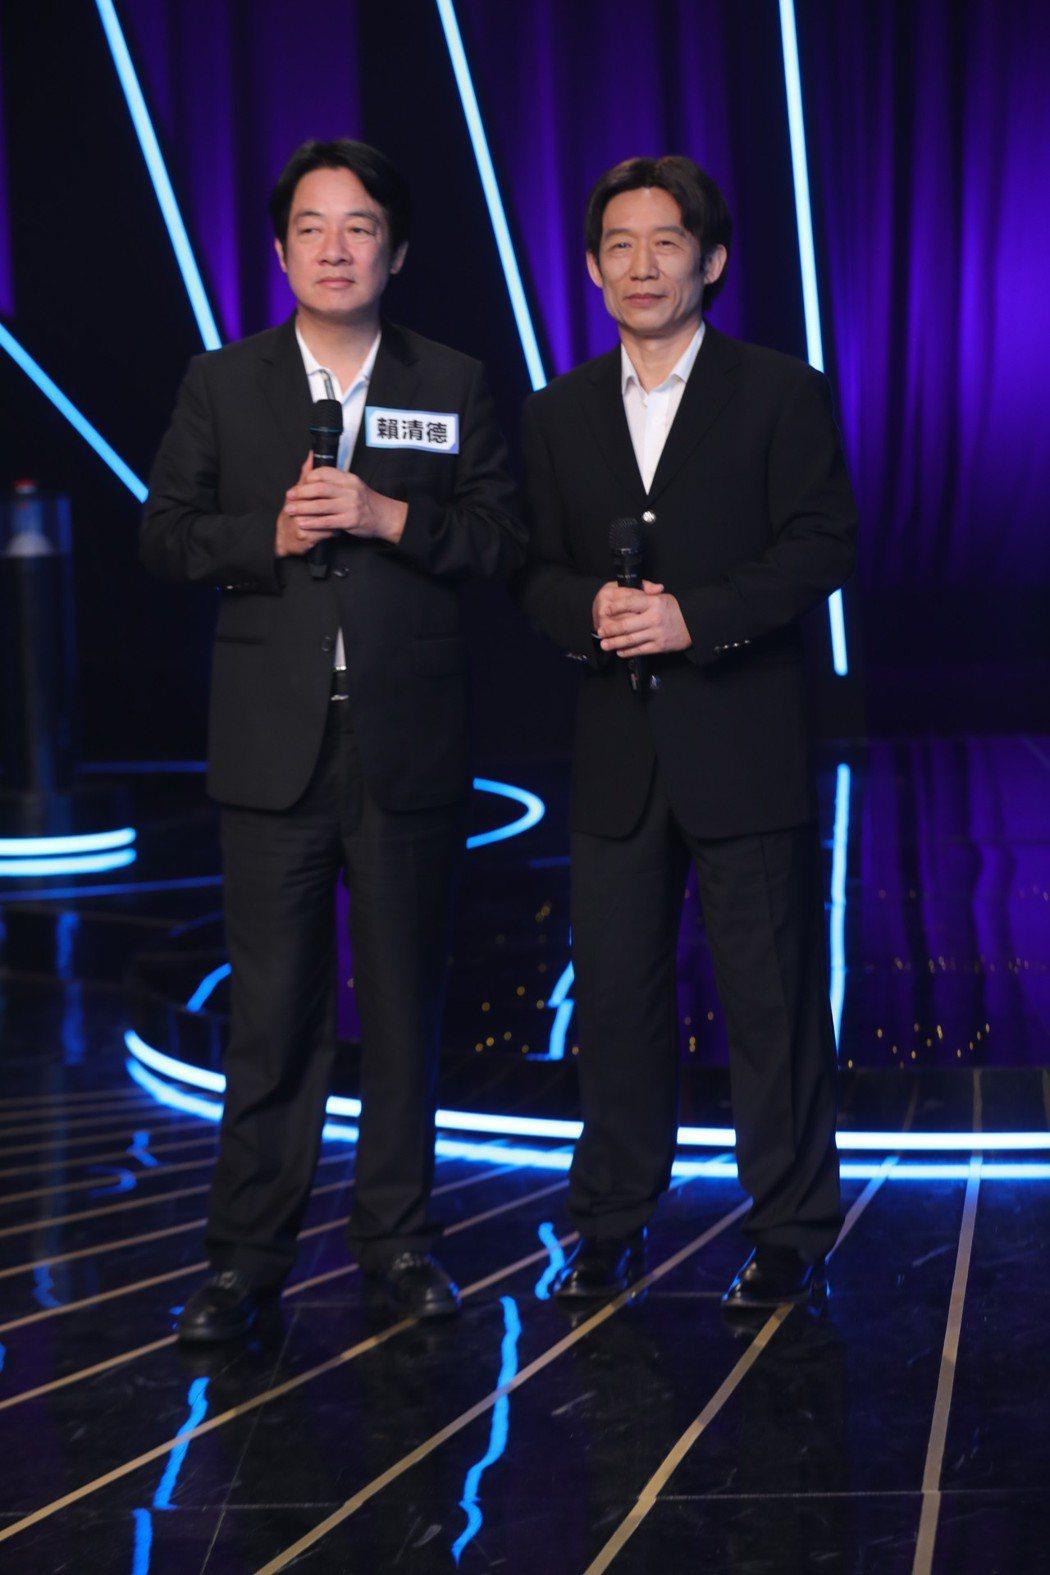 郭子乾(右)和賴清德同台錄影。圖/台視17Q提供